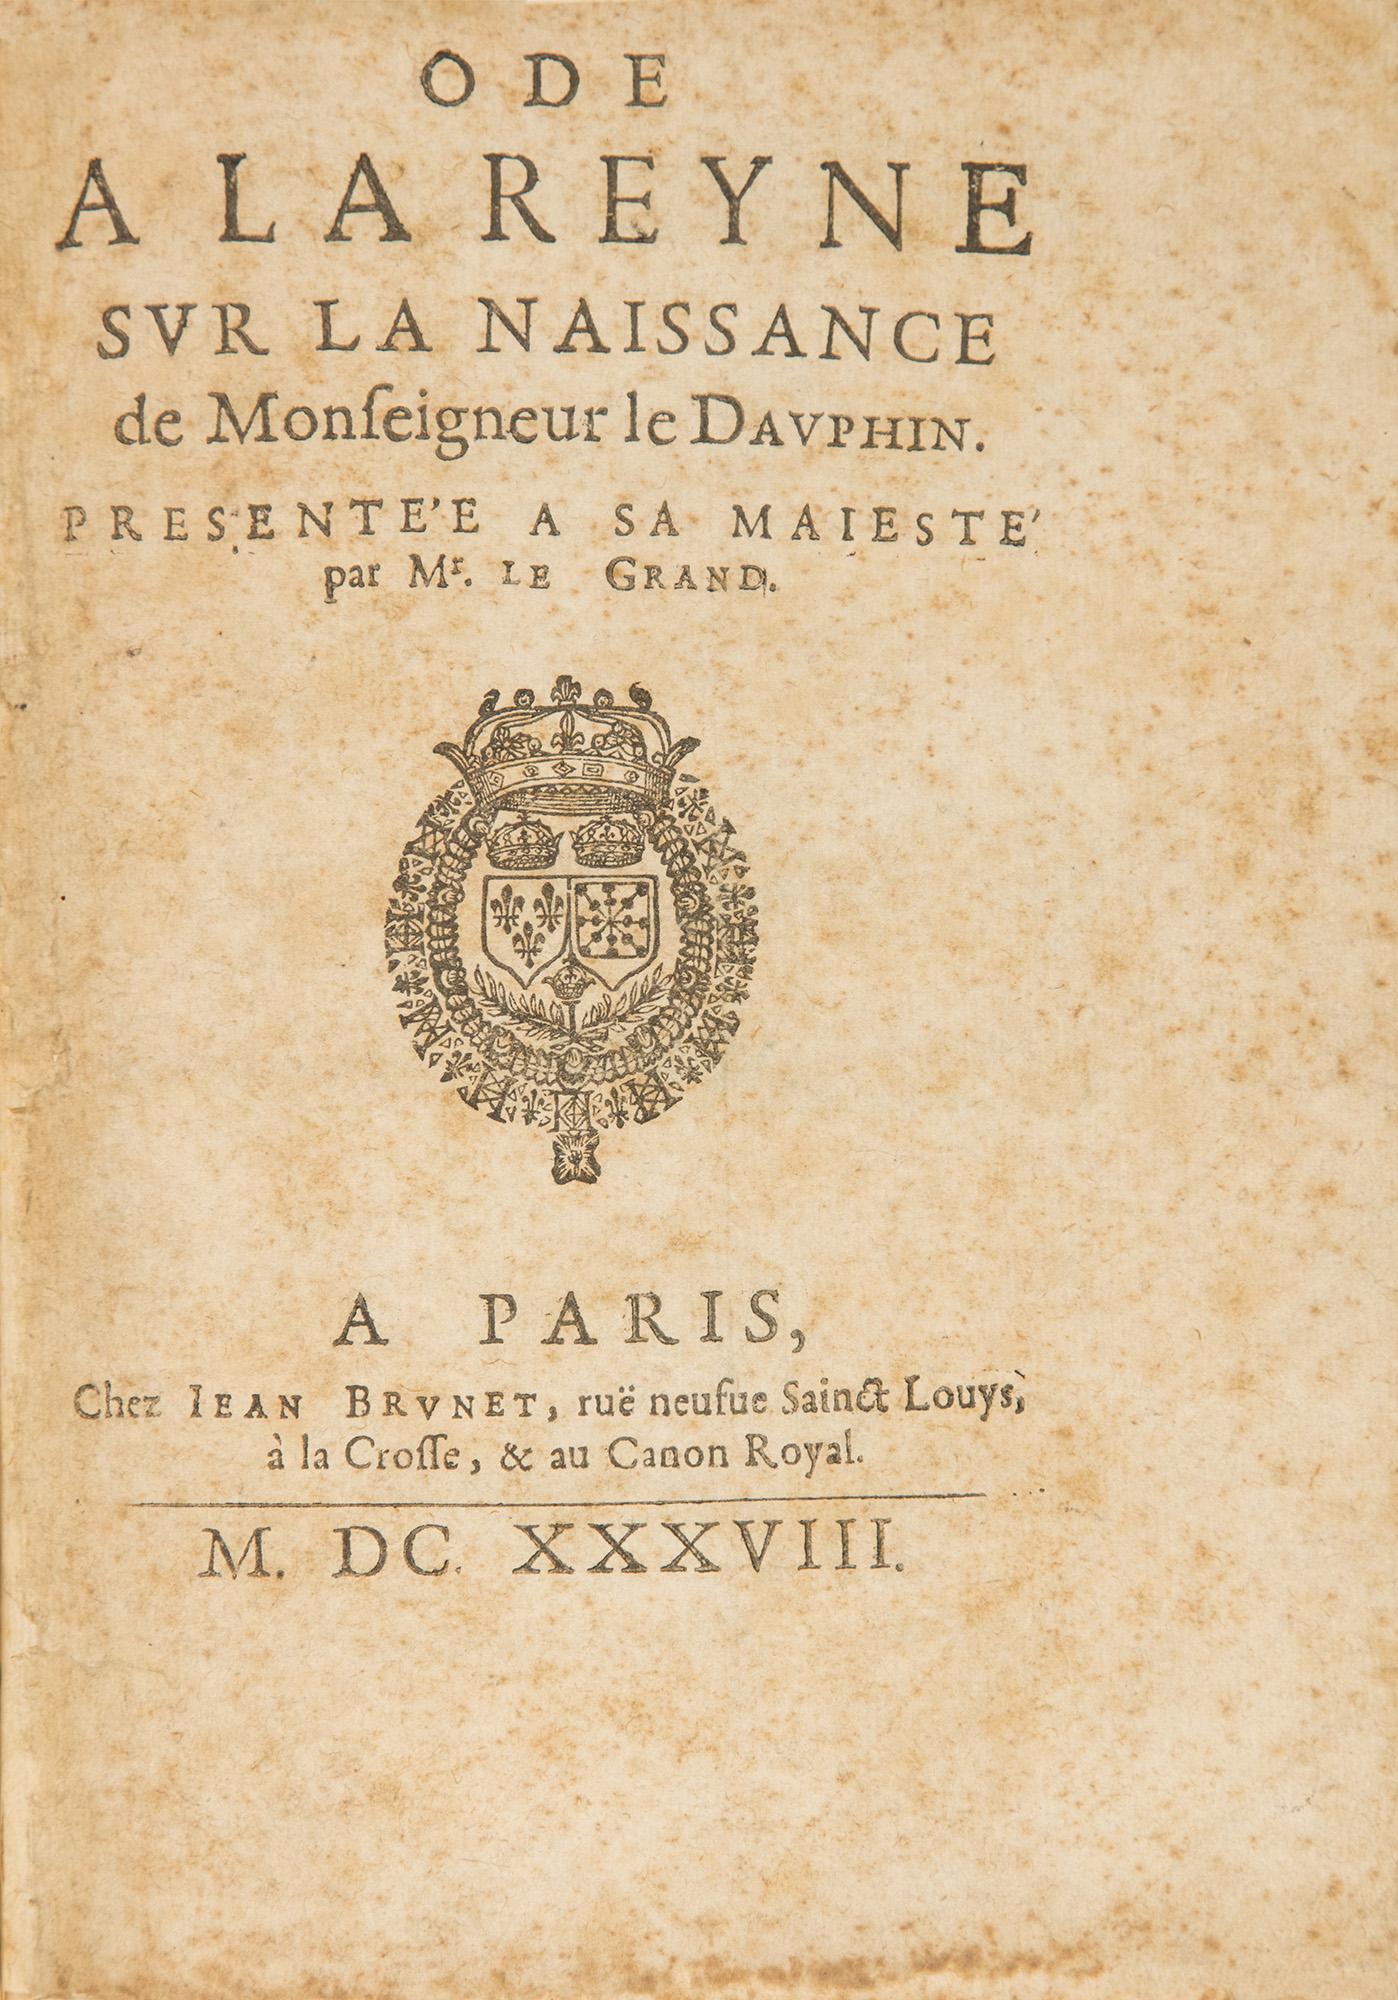 Ode a la Reyne sur la naissance de Monseigneur le Dauphin, 1638.